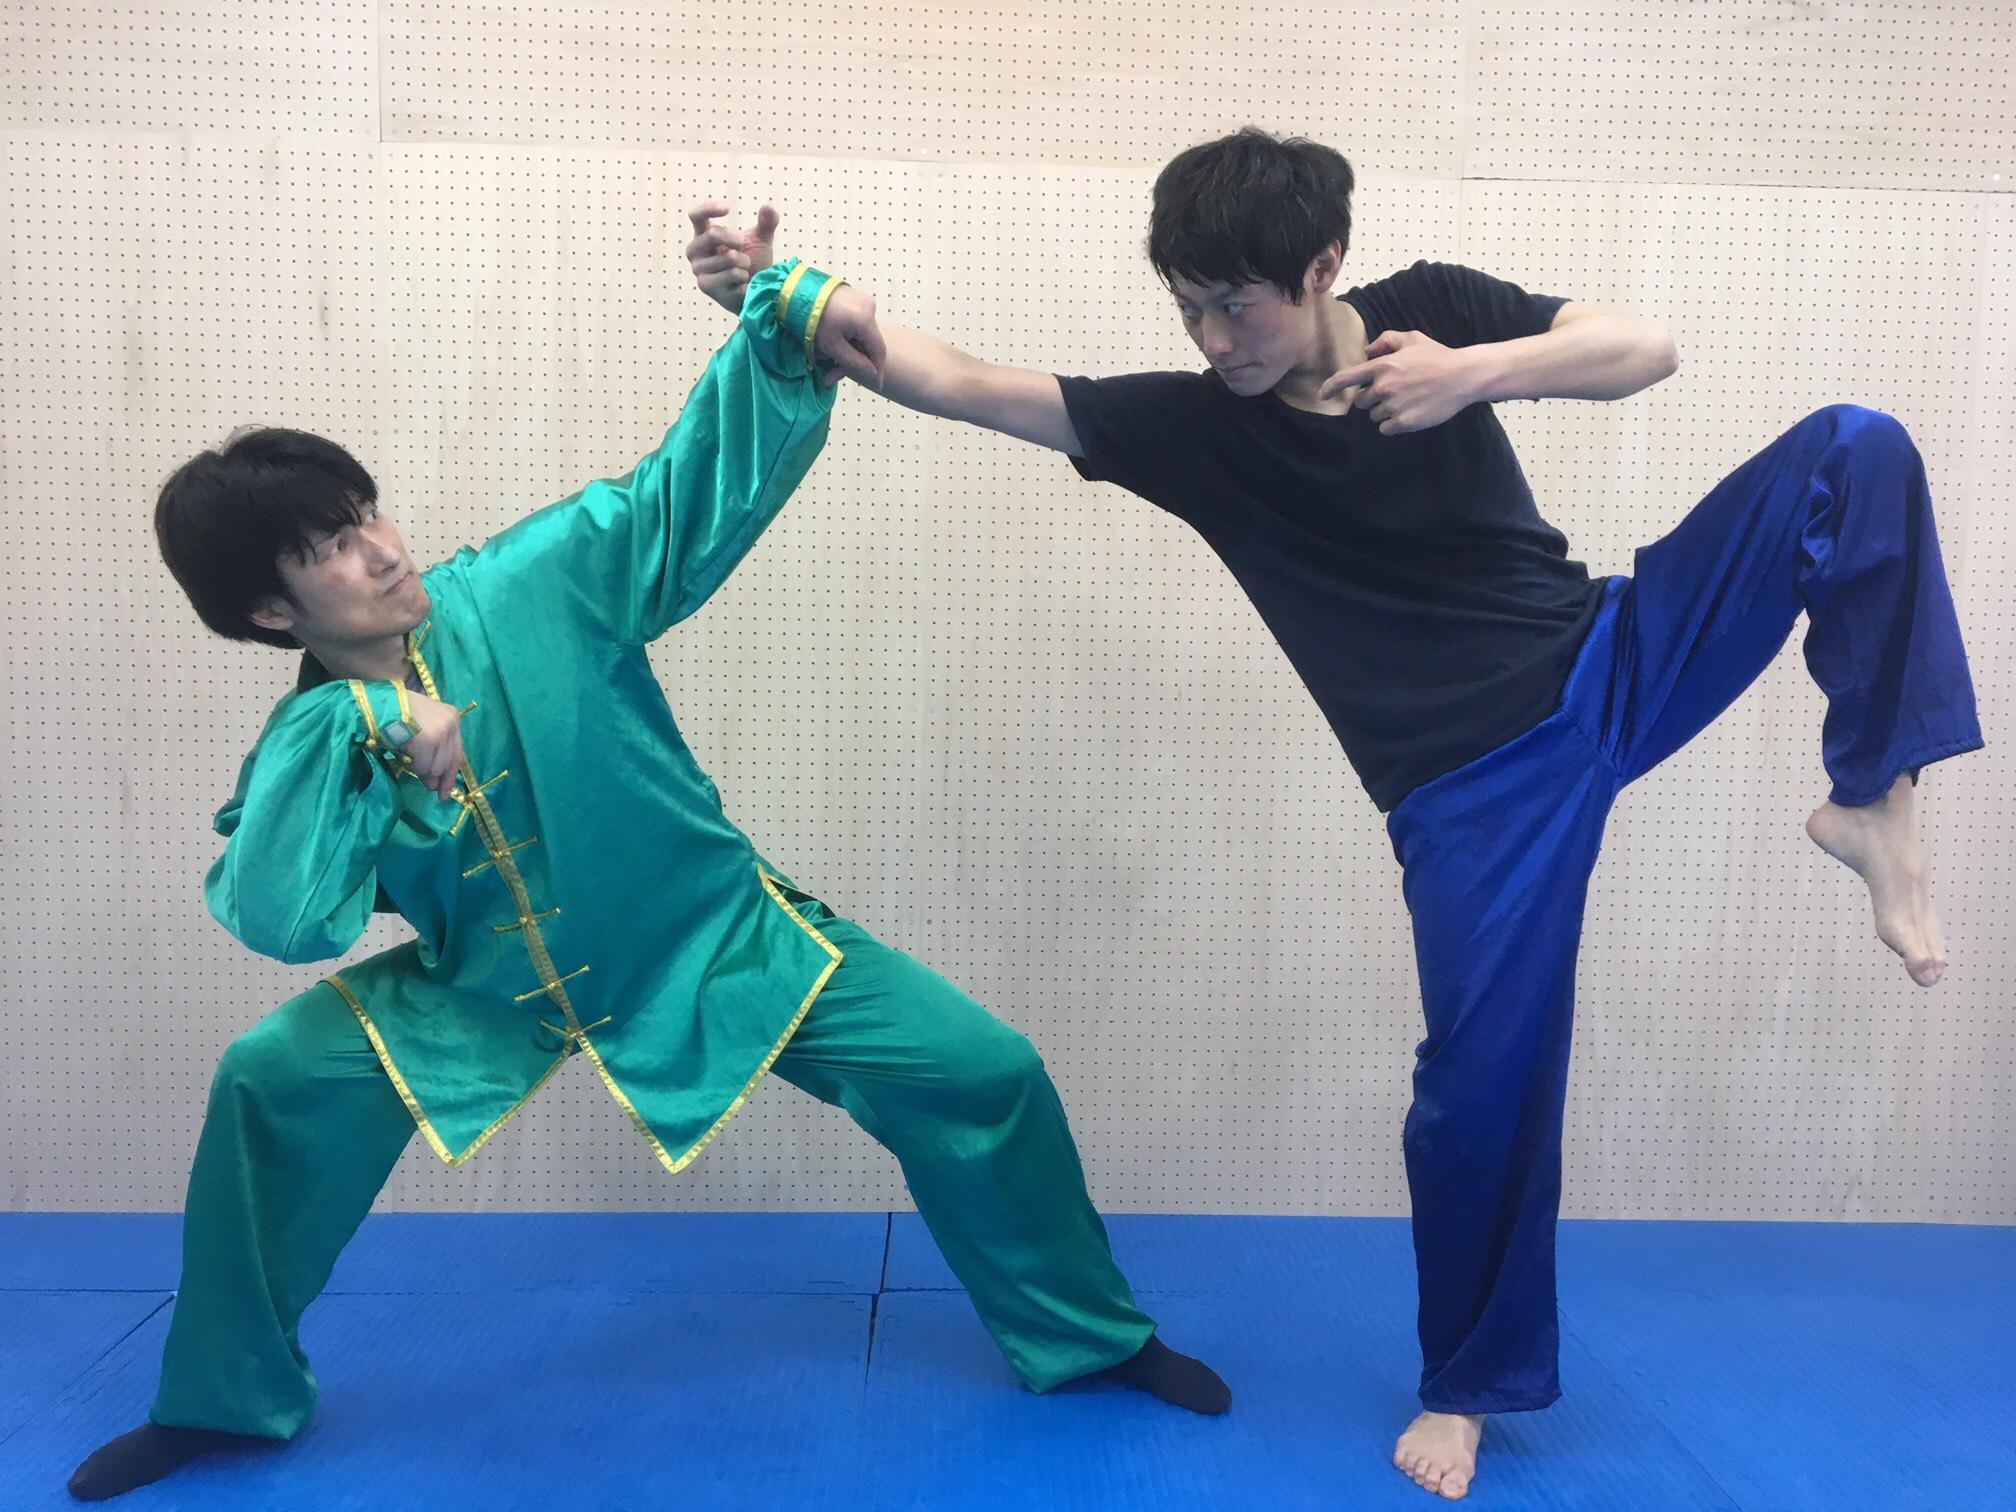 カマキリ拳法の瀬戸先生を師に、酔拳で挑む今野選手。